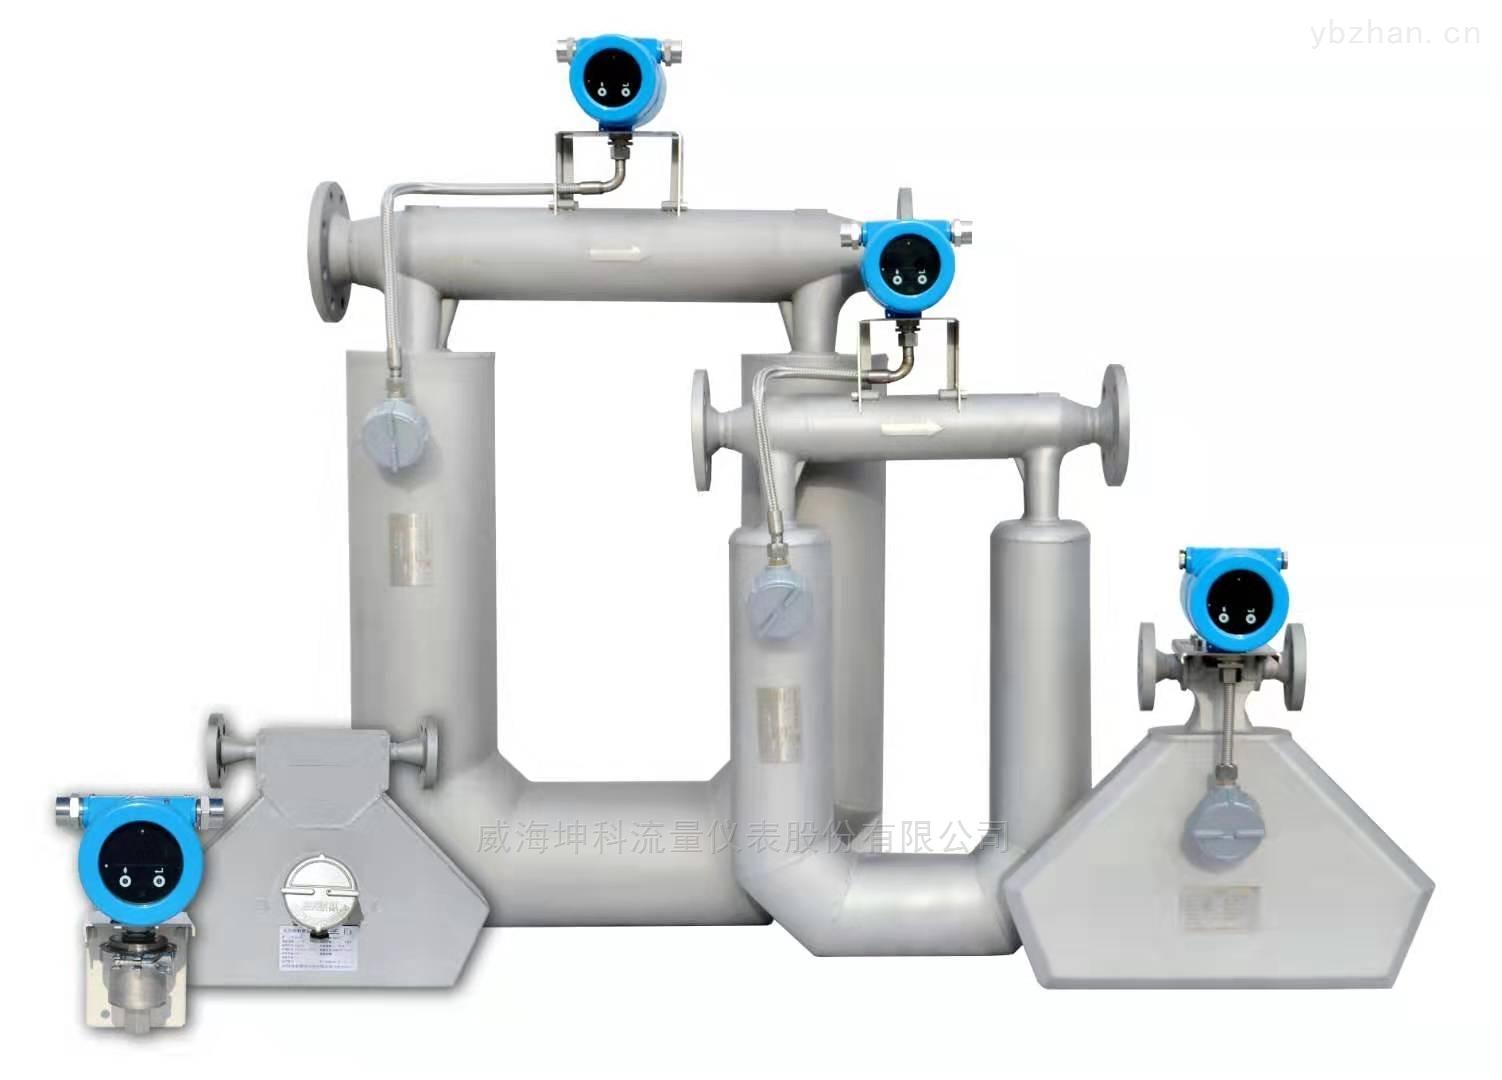 KTCMF-低溫高精度液體質量流量計